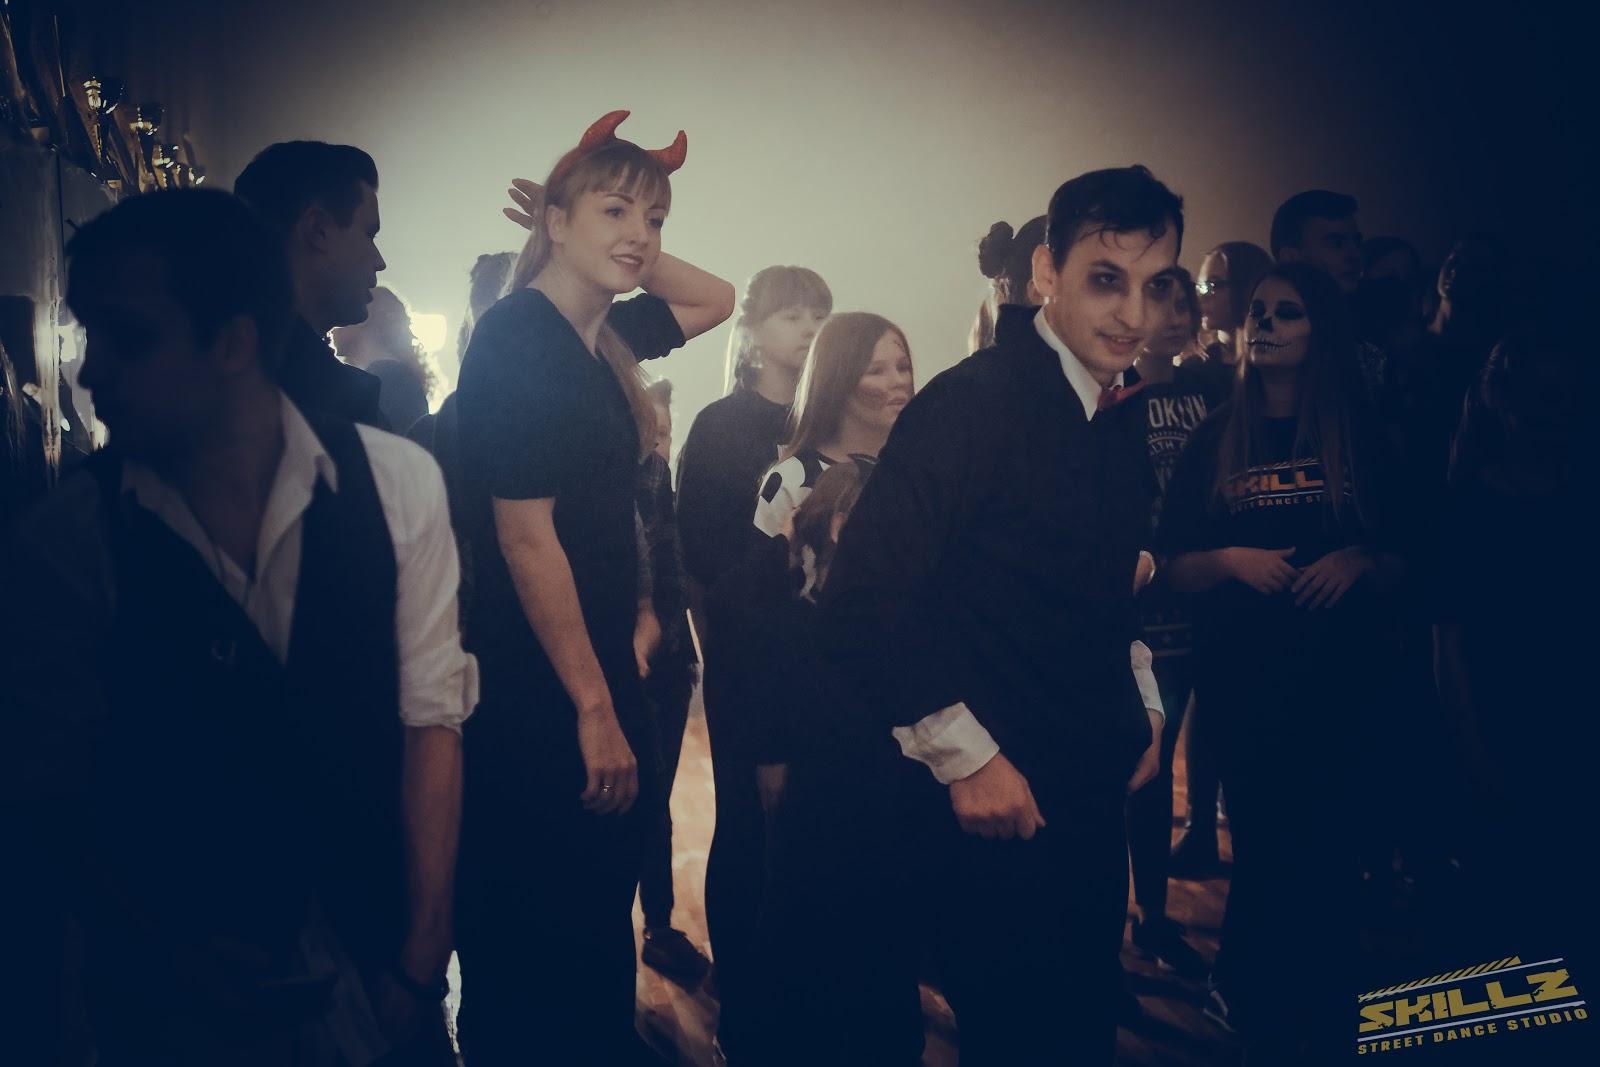 Naujikų krikštynos @SKILLZ (Halloween tema) - PANA1897.jpg